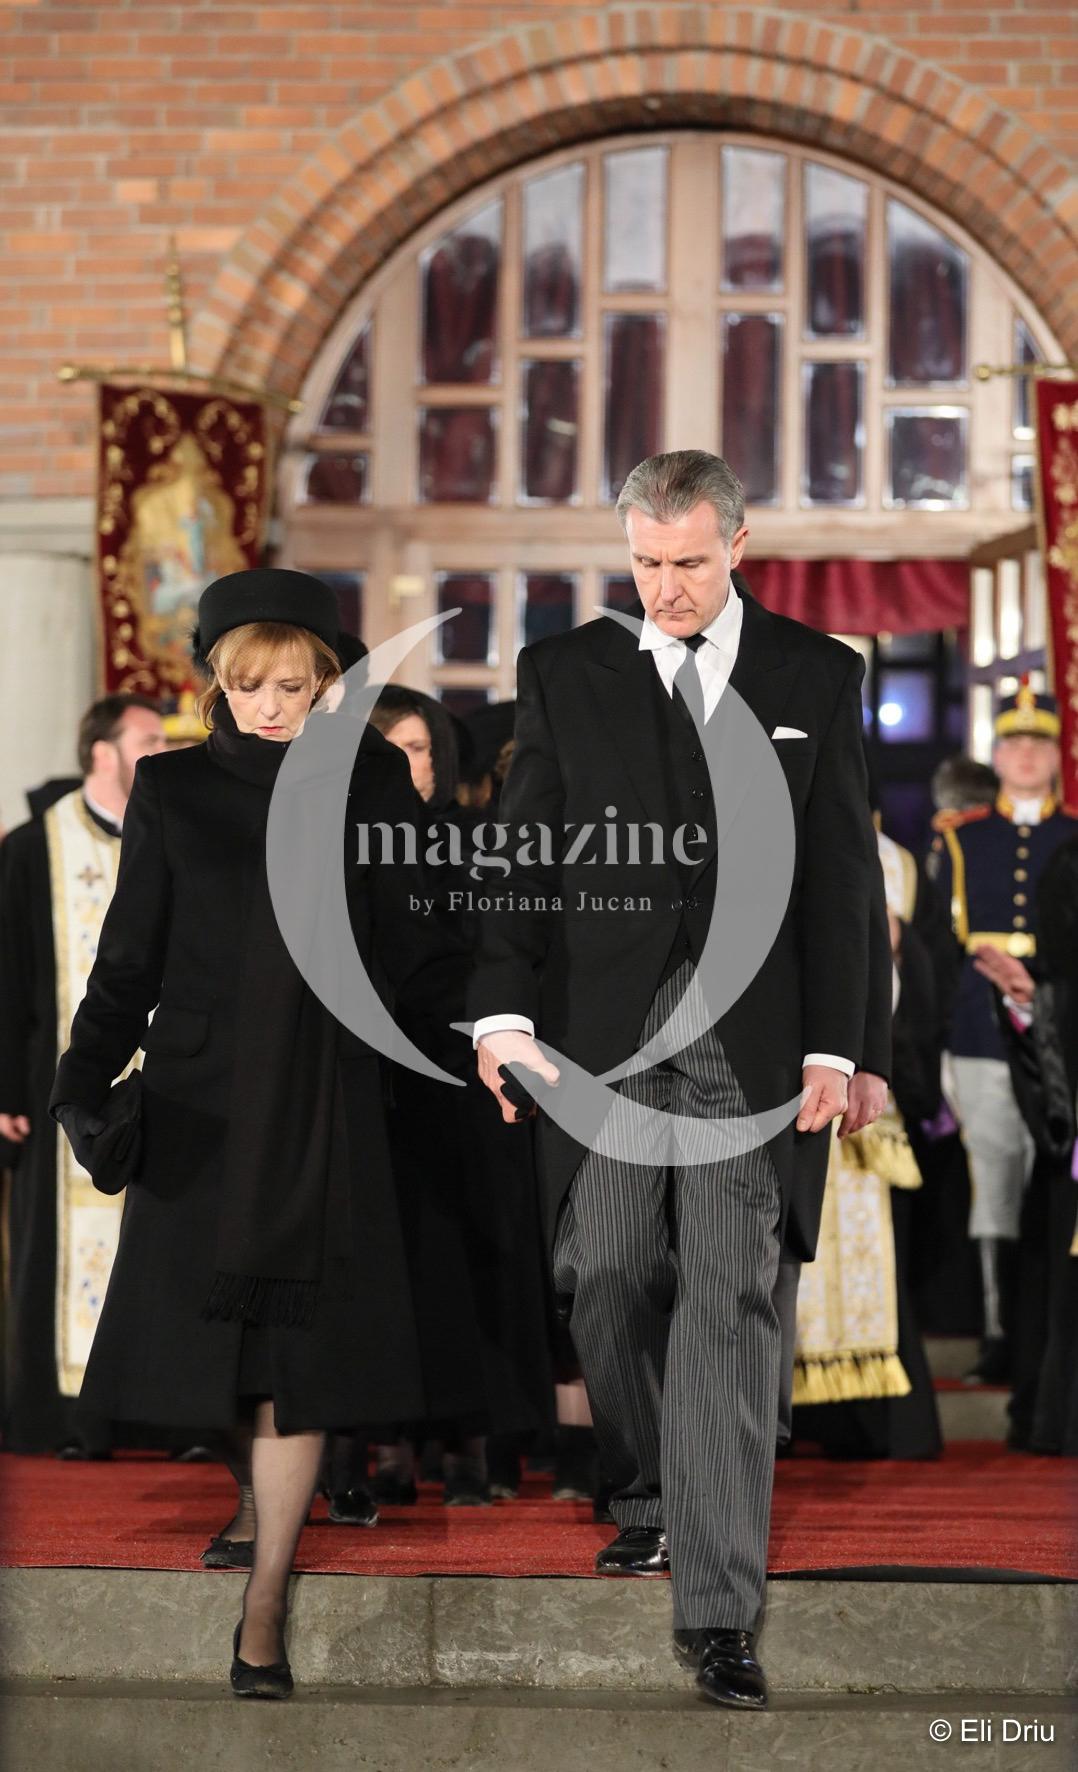 Funeraliile-Regelui-Mihai-Q-Magazine-4